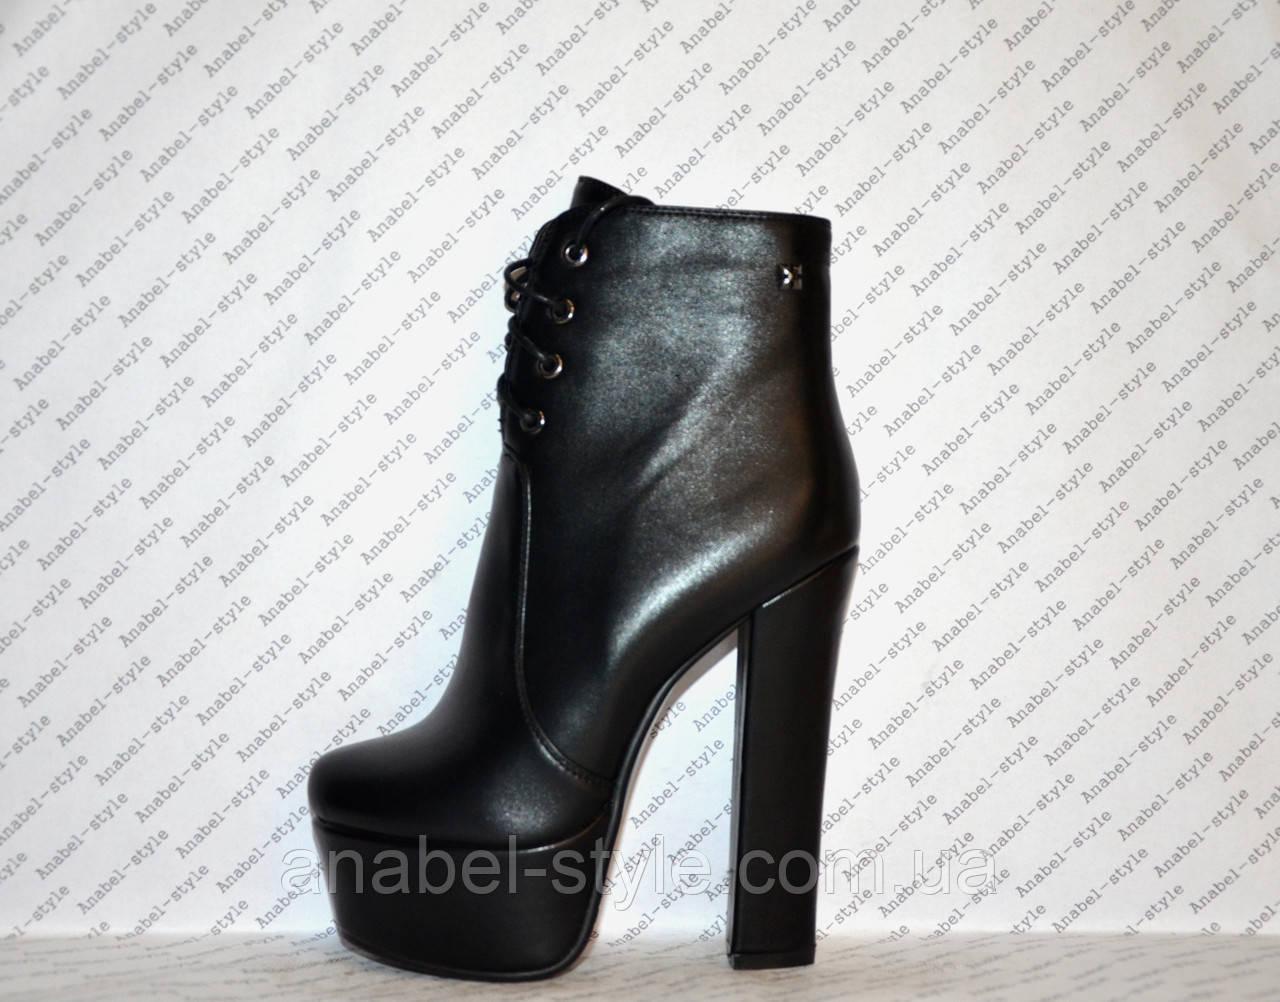 72da9661 Ботильоны на толстом высоком каблуке кожаные черные на шнуровочке Код 1350  - интернет-магазин